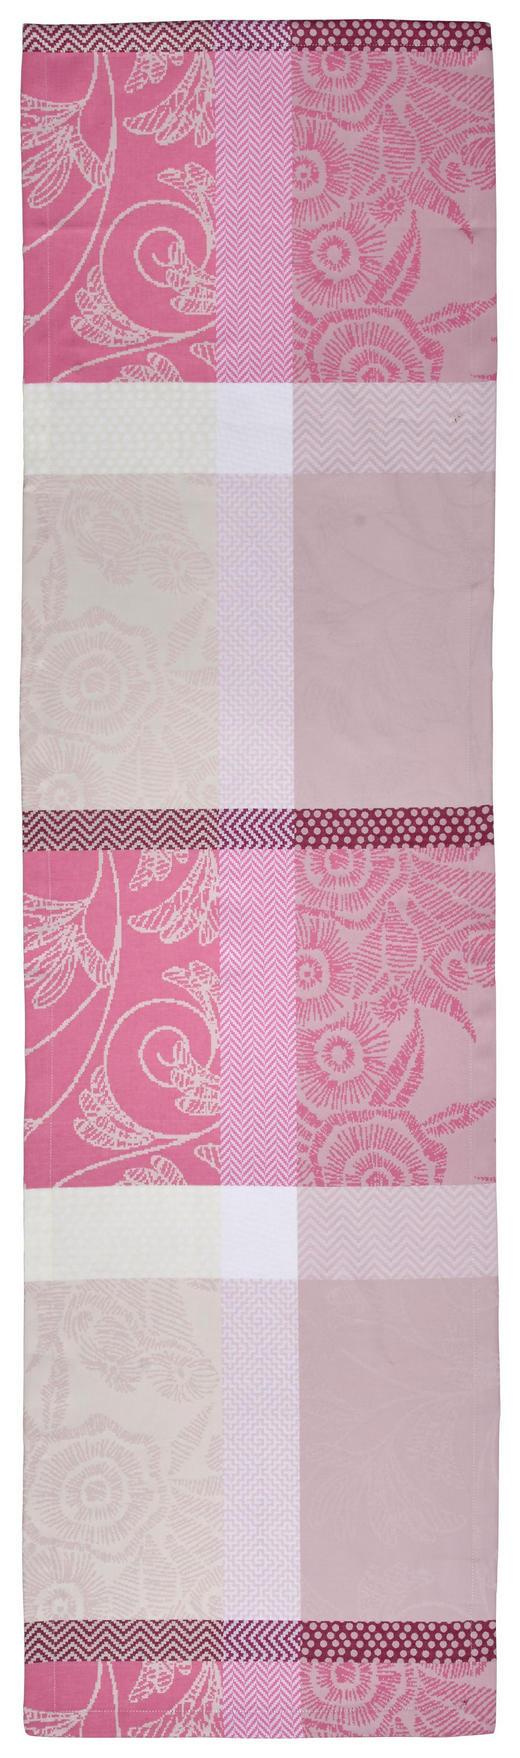 TISCHLÄUFER Textil Rosa 40/140 cm - Rosa, KONVENTIONELL, Textil (40/140cm) - Esposa